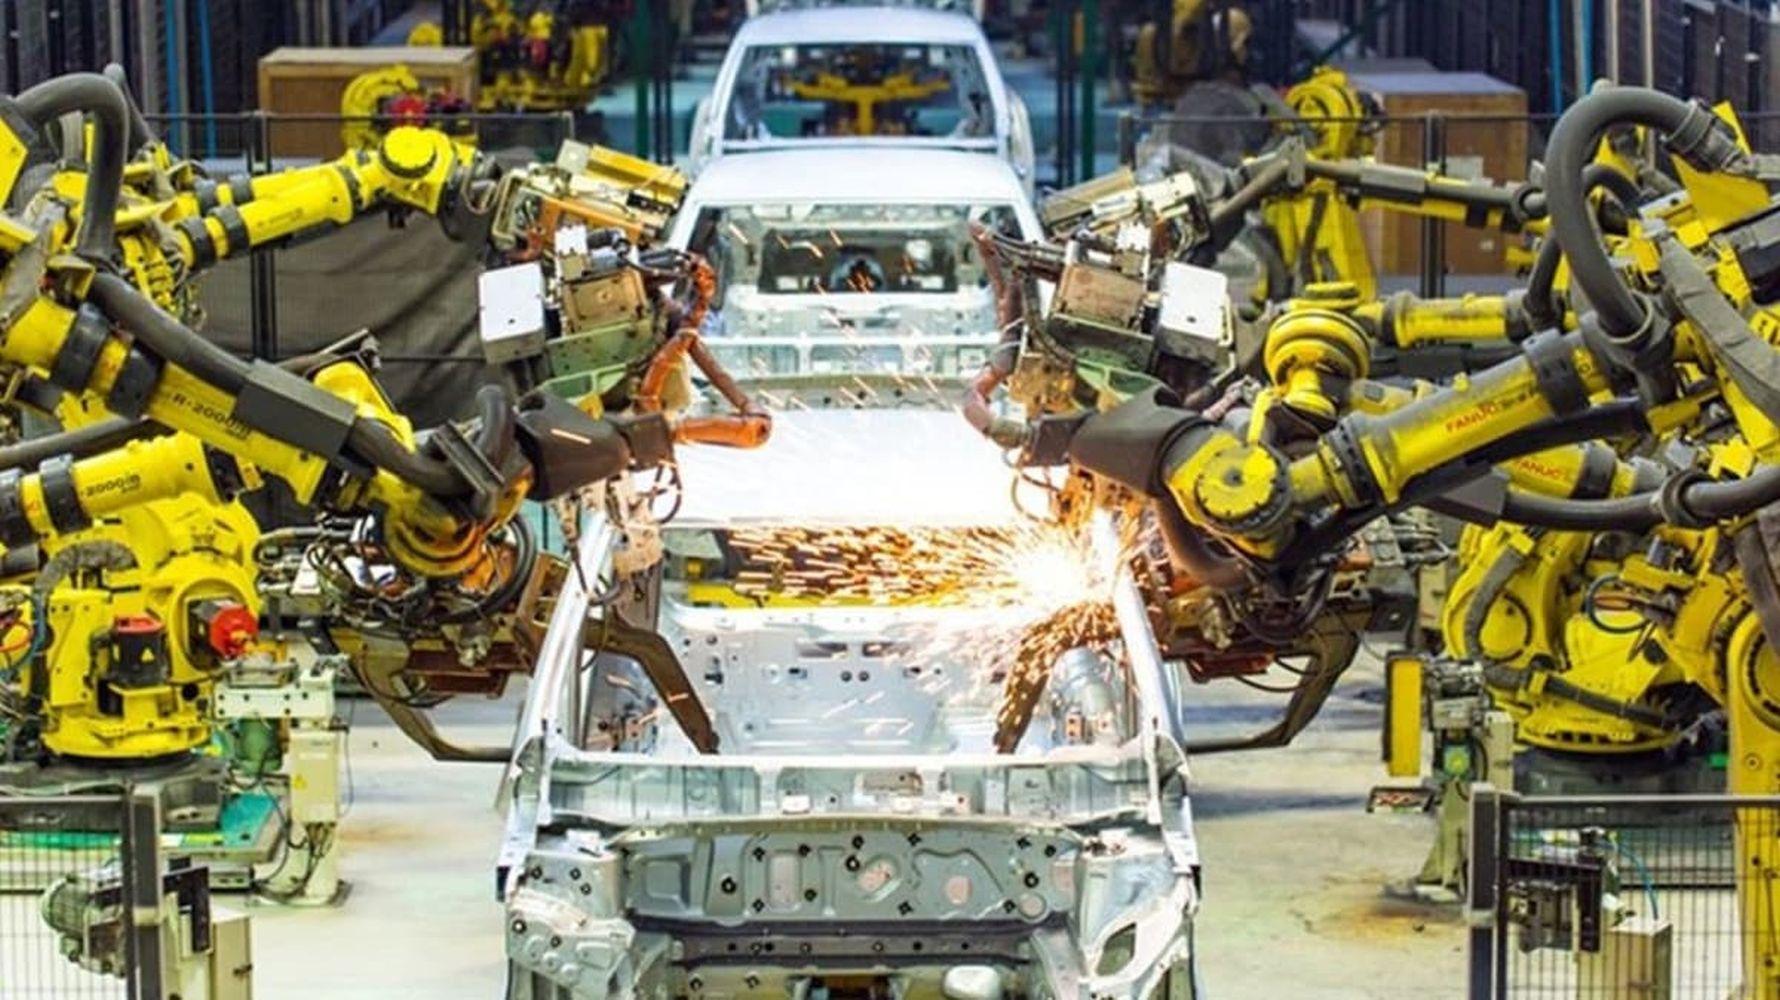 Otomotiv Sektöründe Yaşanan Çip Kıtlığı Fiyatlara Etki Edecek Mi?